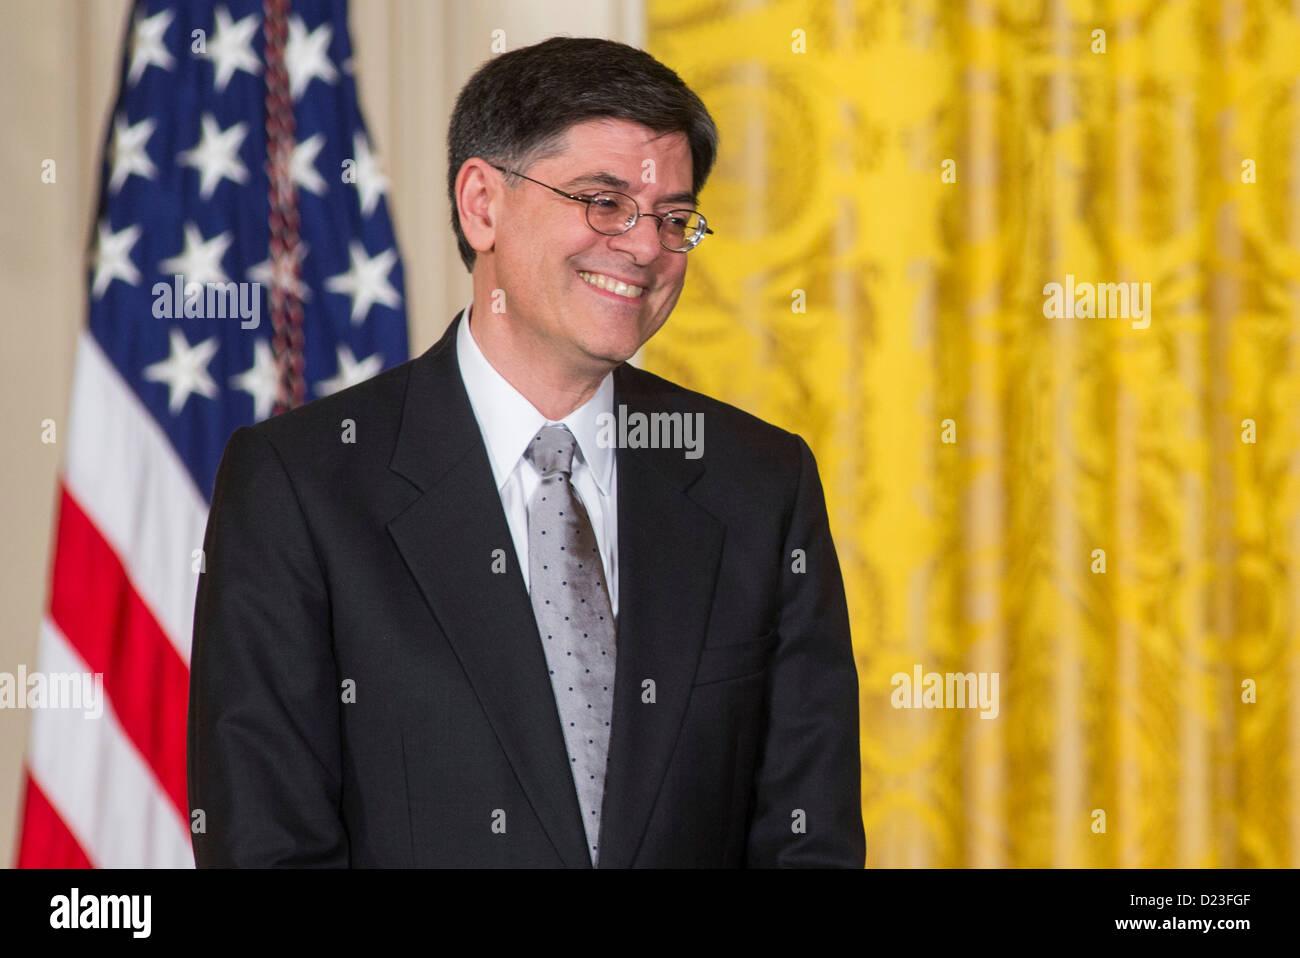 President Barack Obama nominates Jack Lew for Secretary of the Treasury. - Stock Image